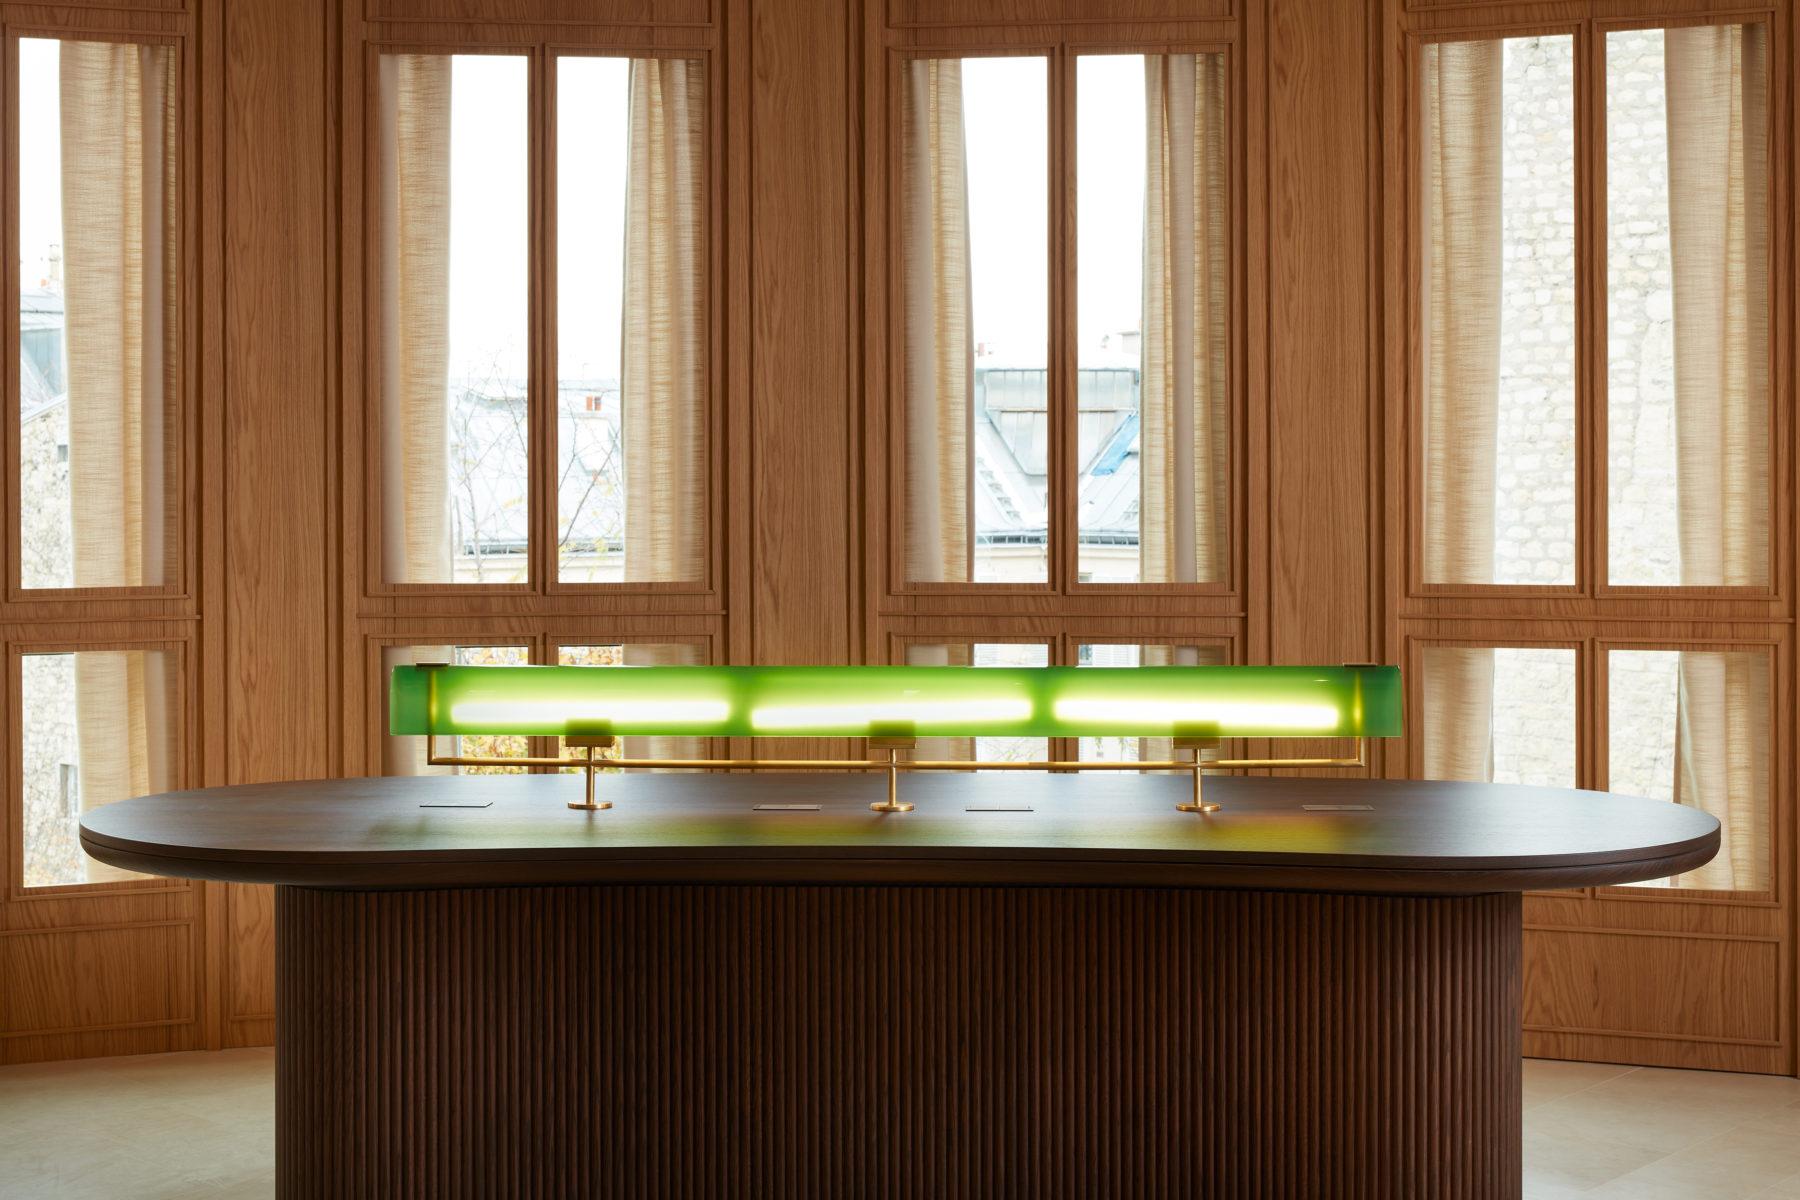 Table / bureau en noyer cannelé, habillage de fenêtres en chêne, lampe de banquier en verre soufflé Murano vert et laiton